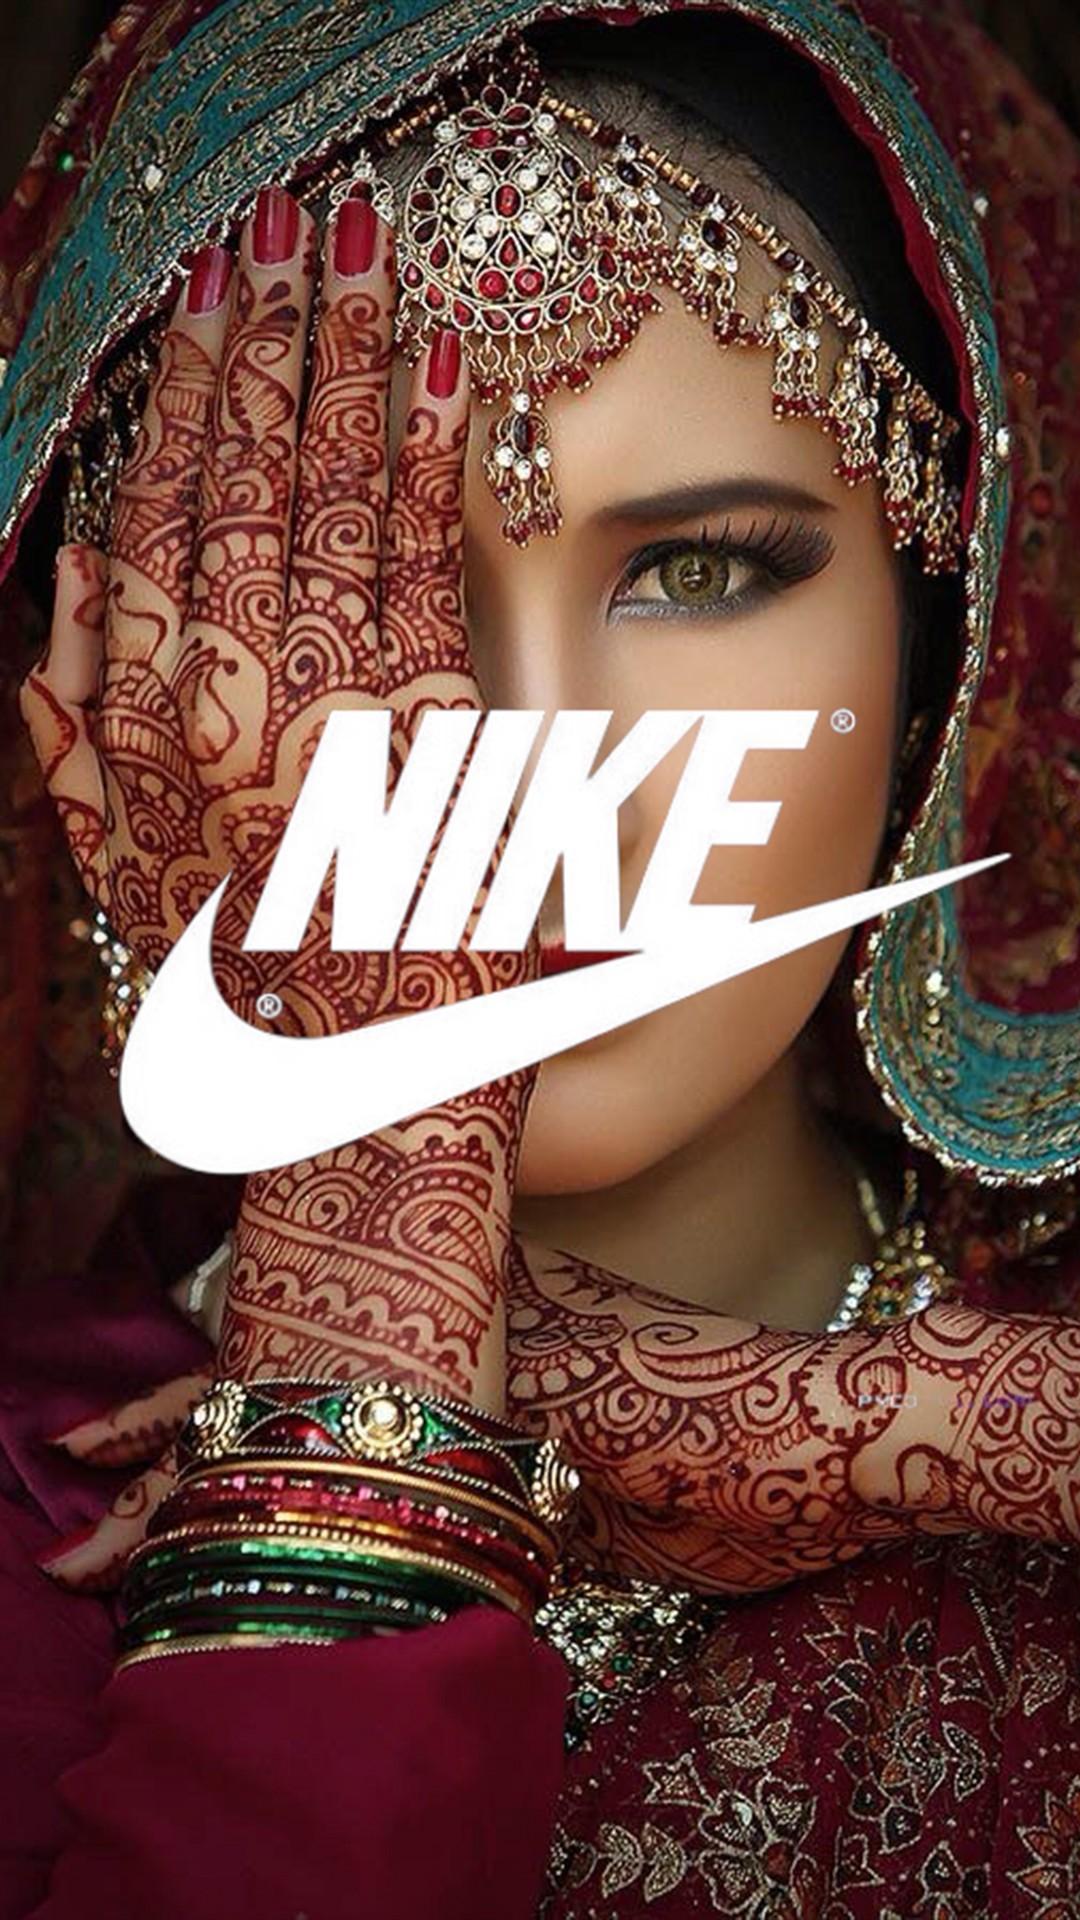 Explore Nike Wallpaper, Black Wallpaper, and more!